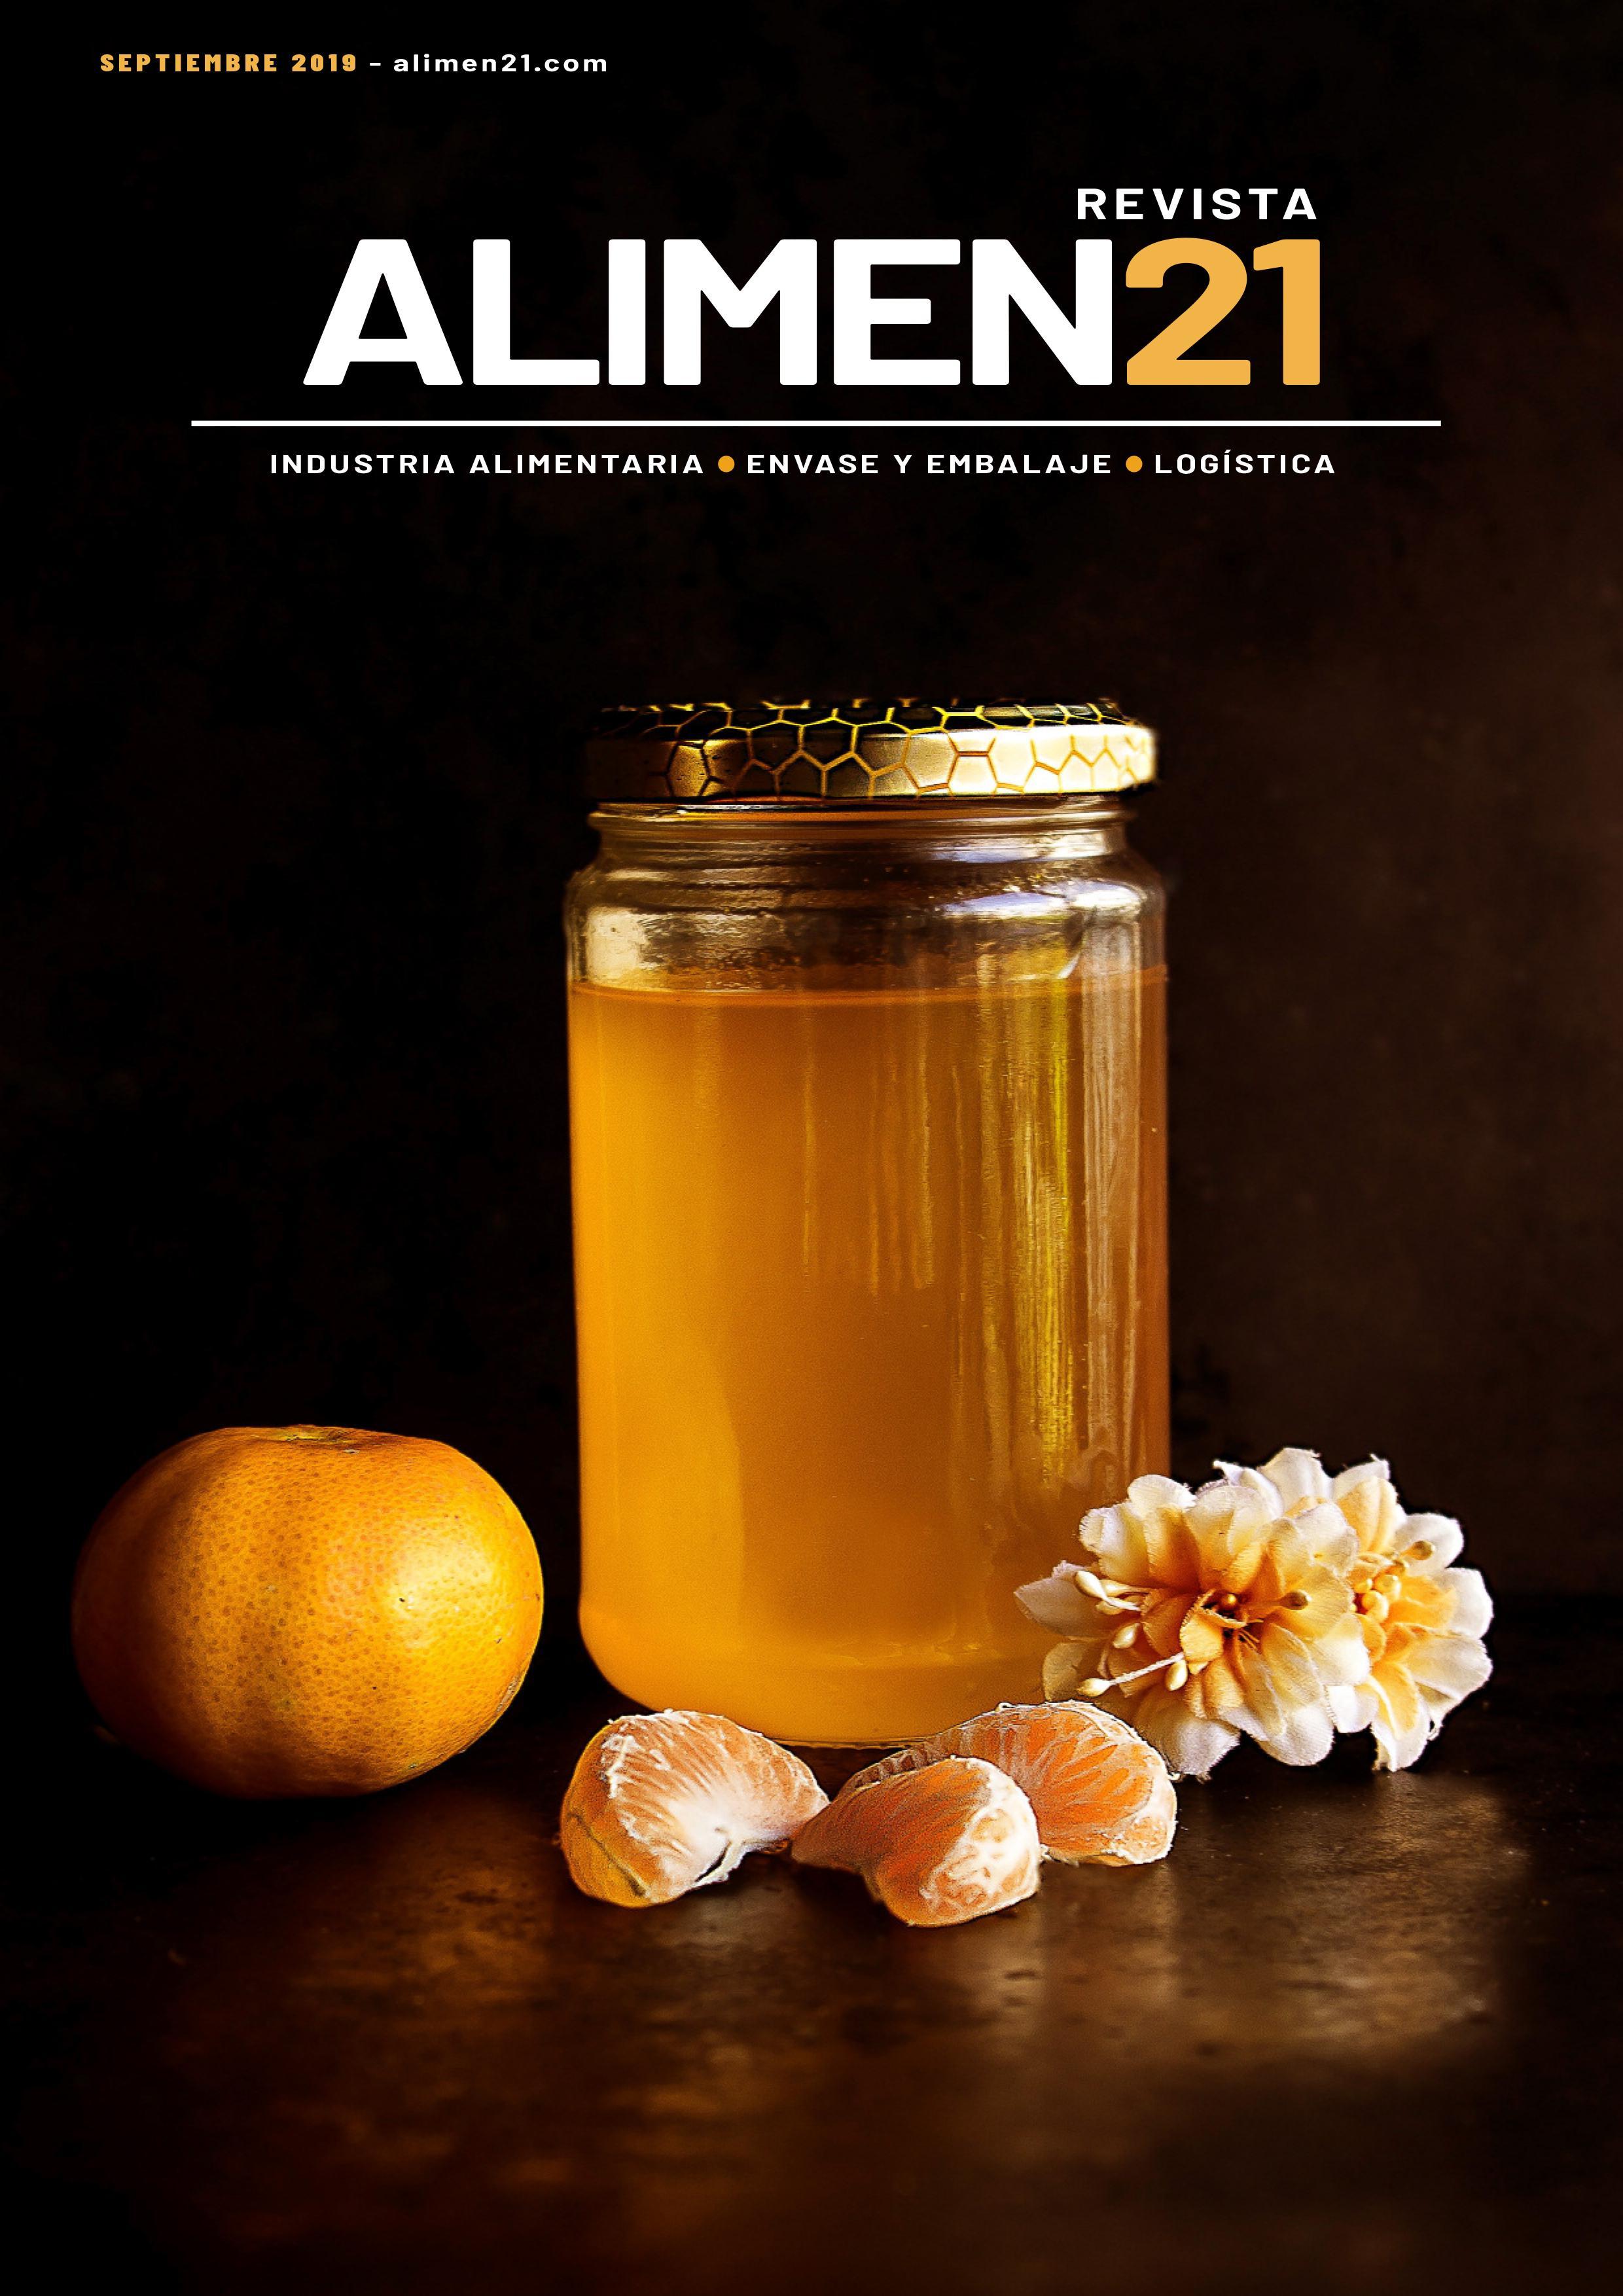 Alimen21 Septiembre 19